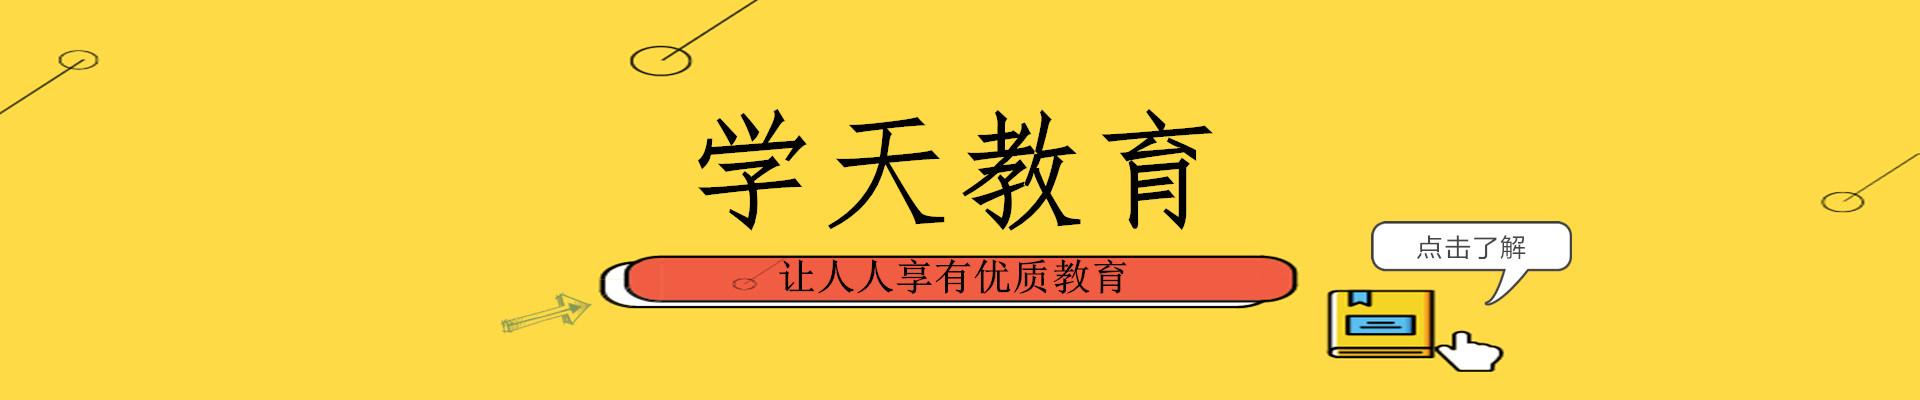 浙江杭州学天教育培训